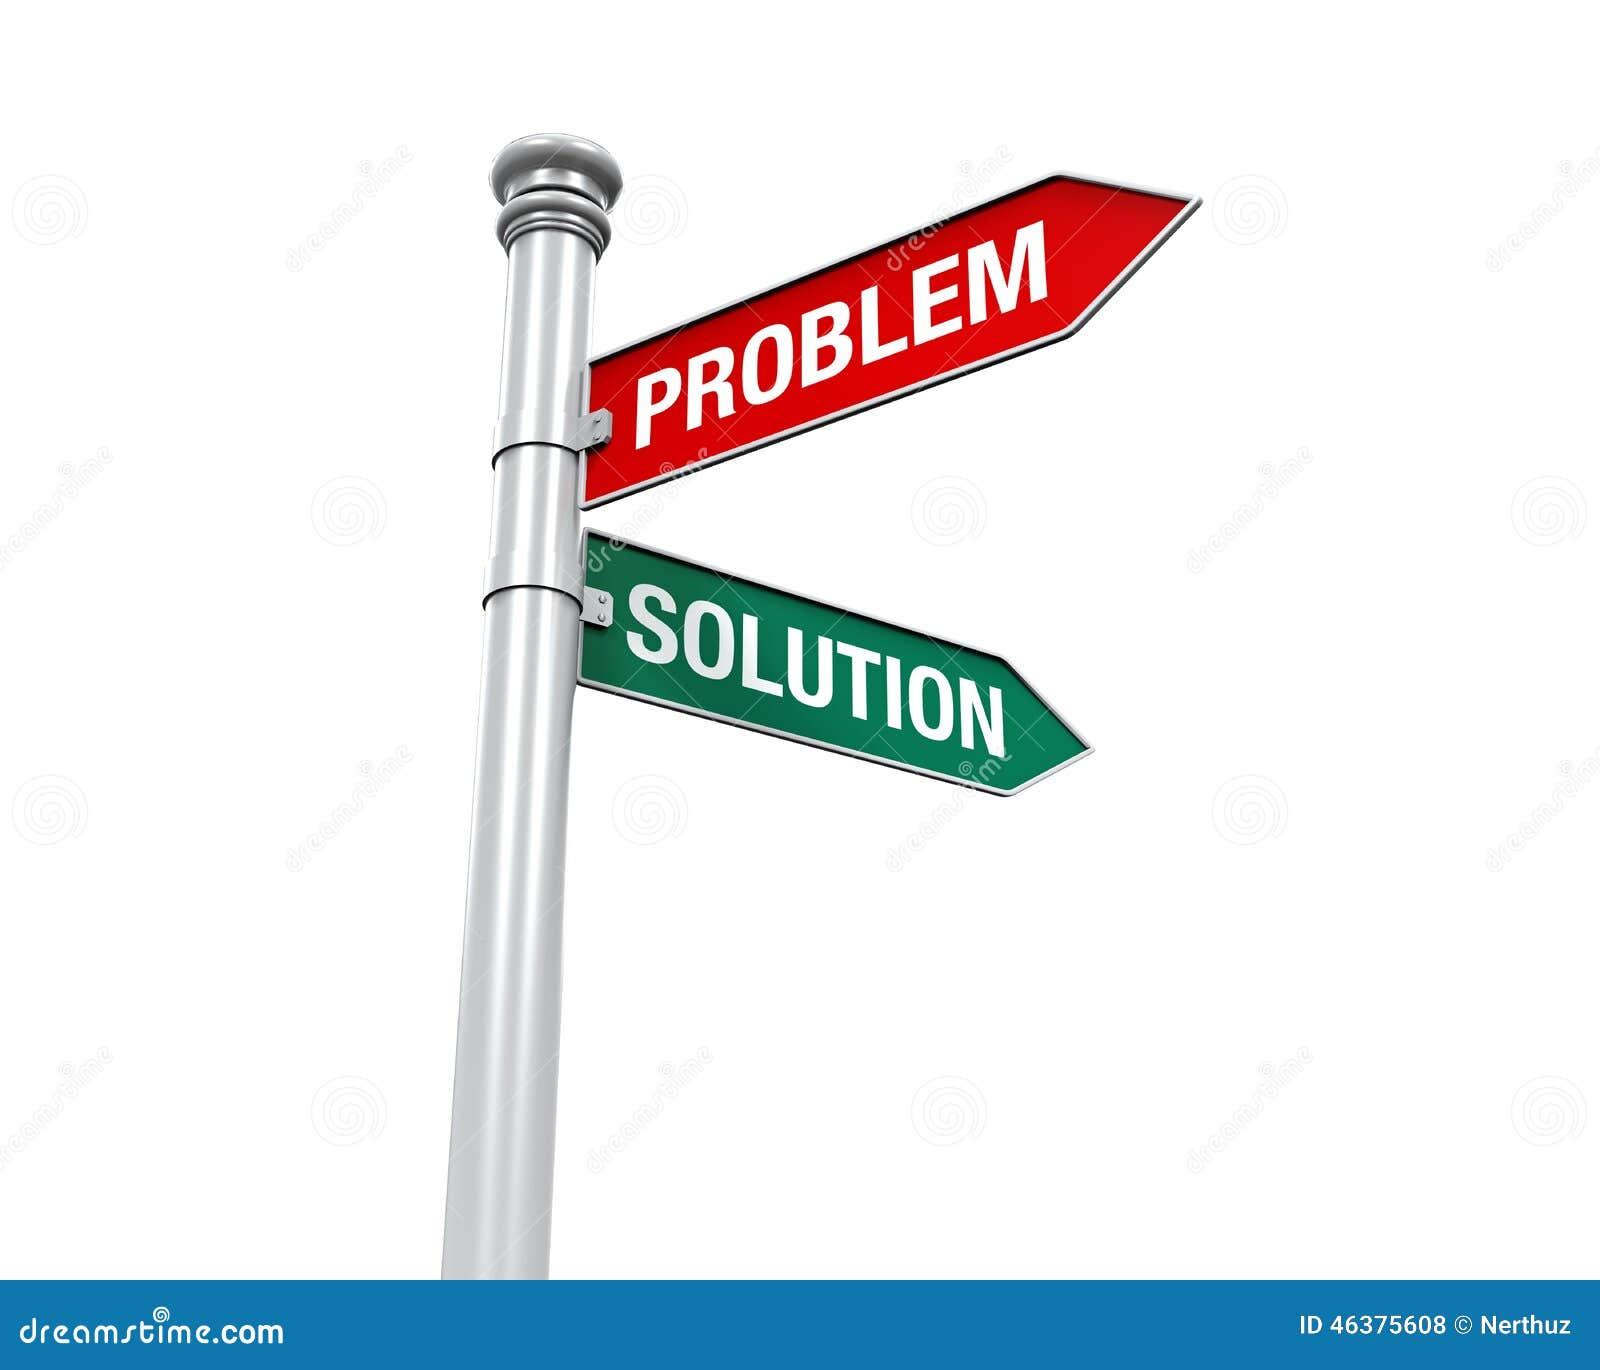 Problem set seven solutions